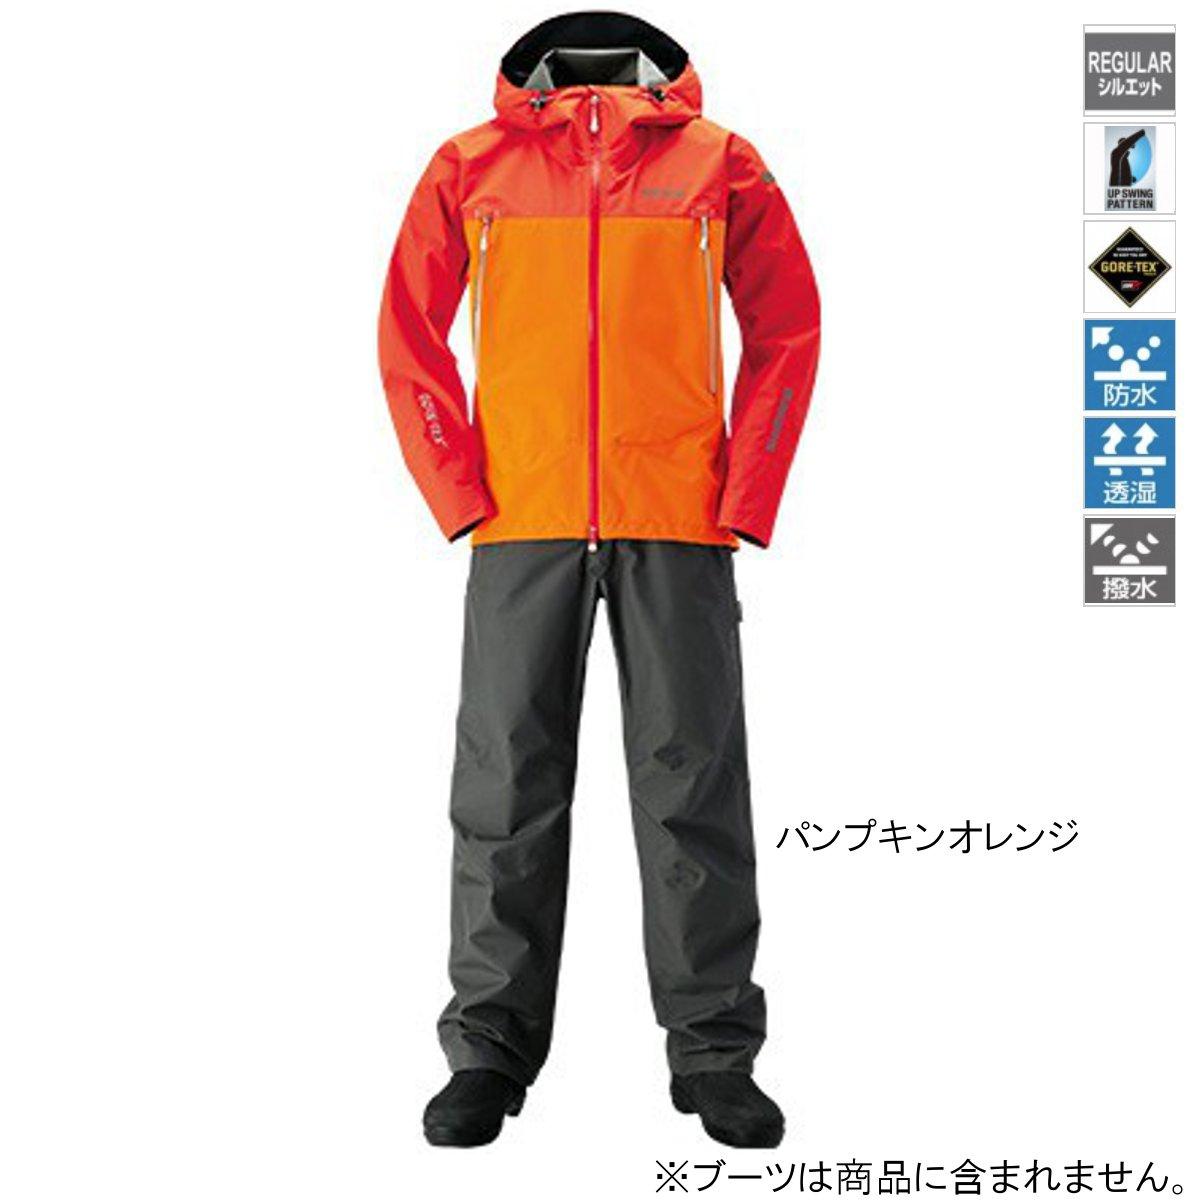 シマノ GORE-TEX ベーシックスーツ RA-017R XL パンプキンオレンジ